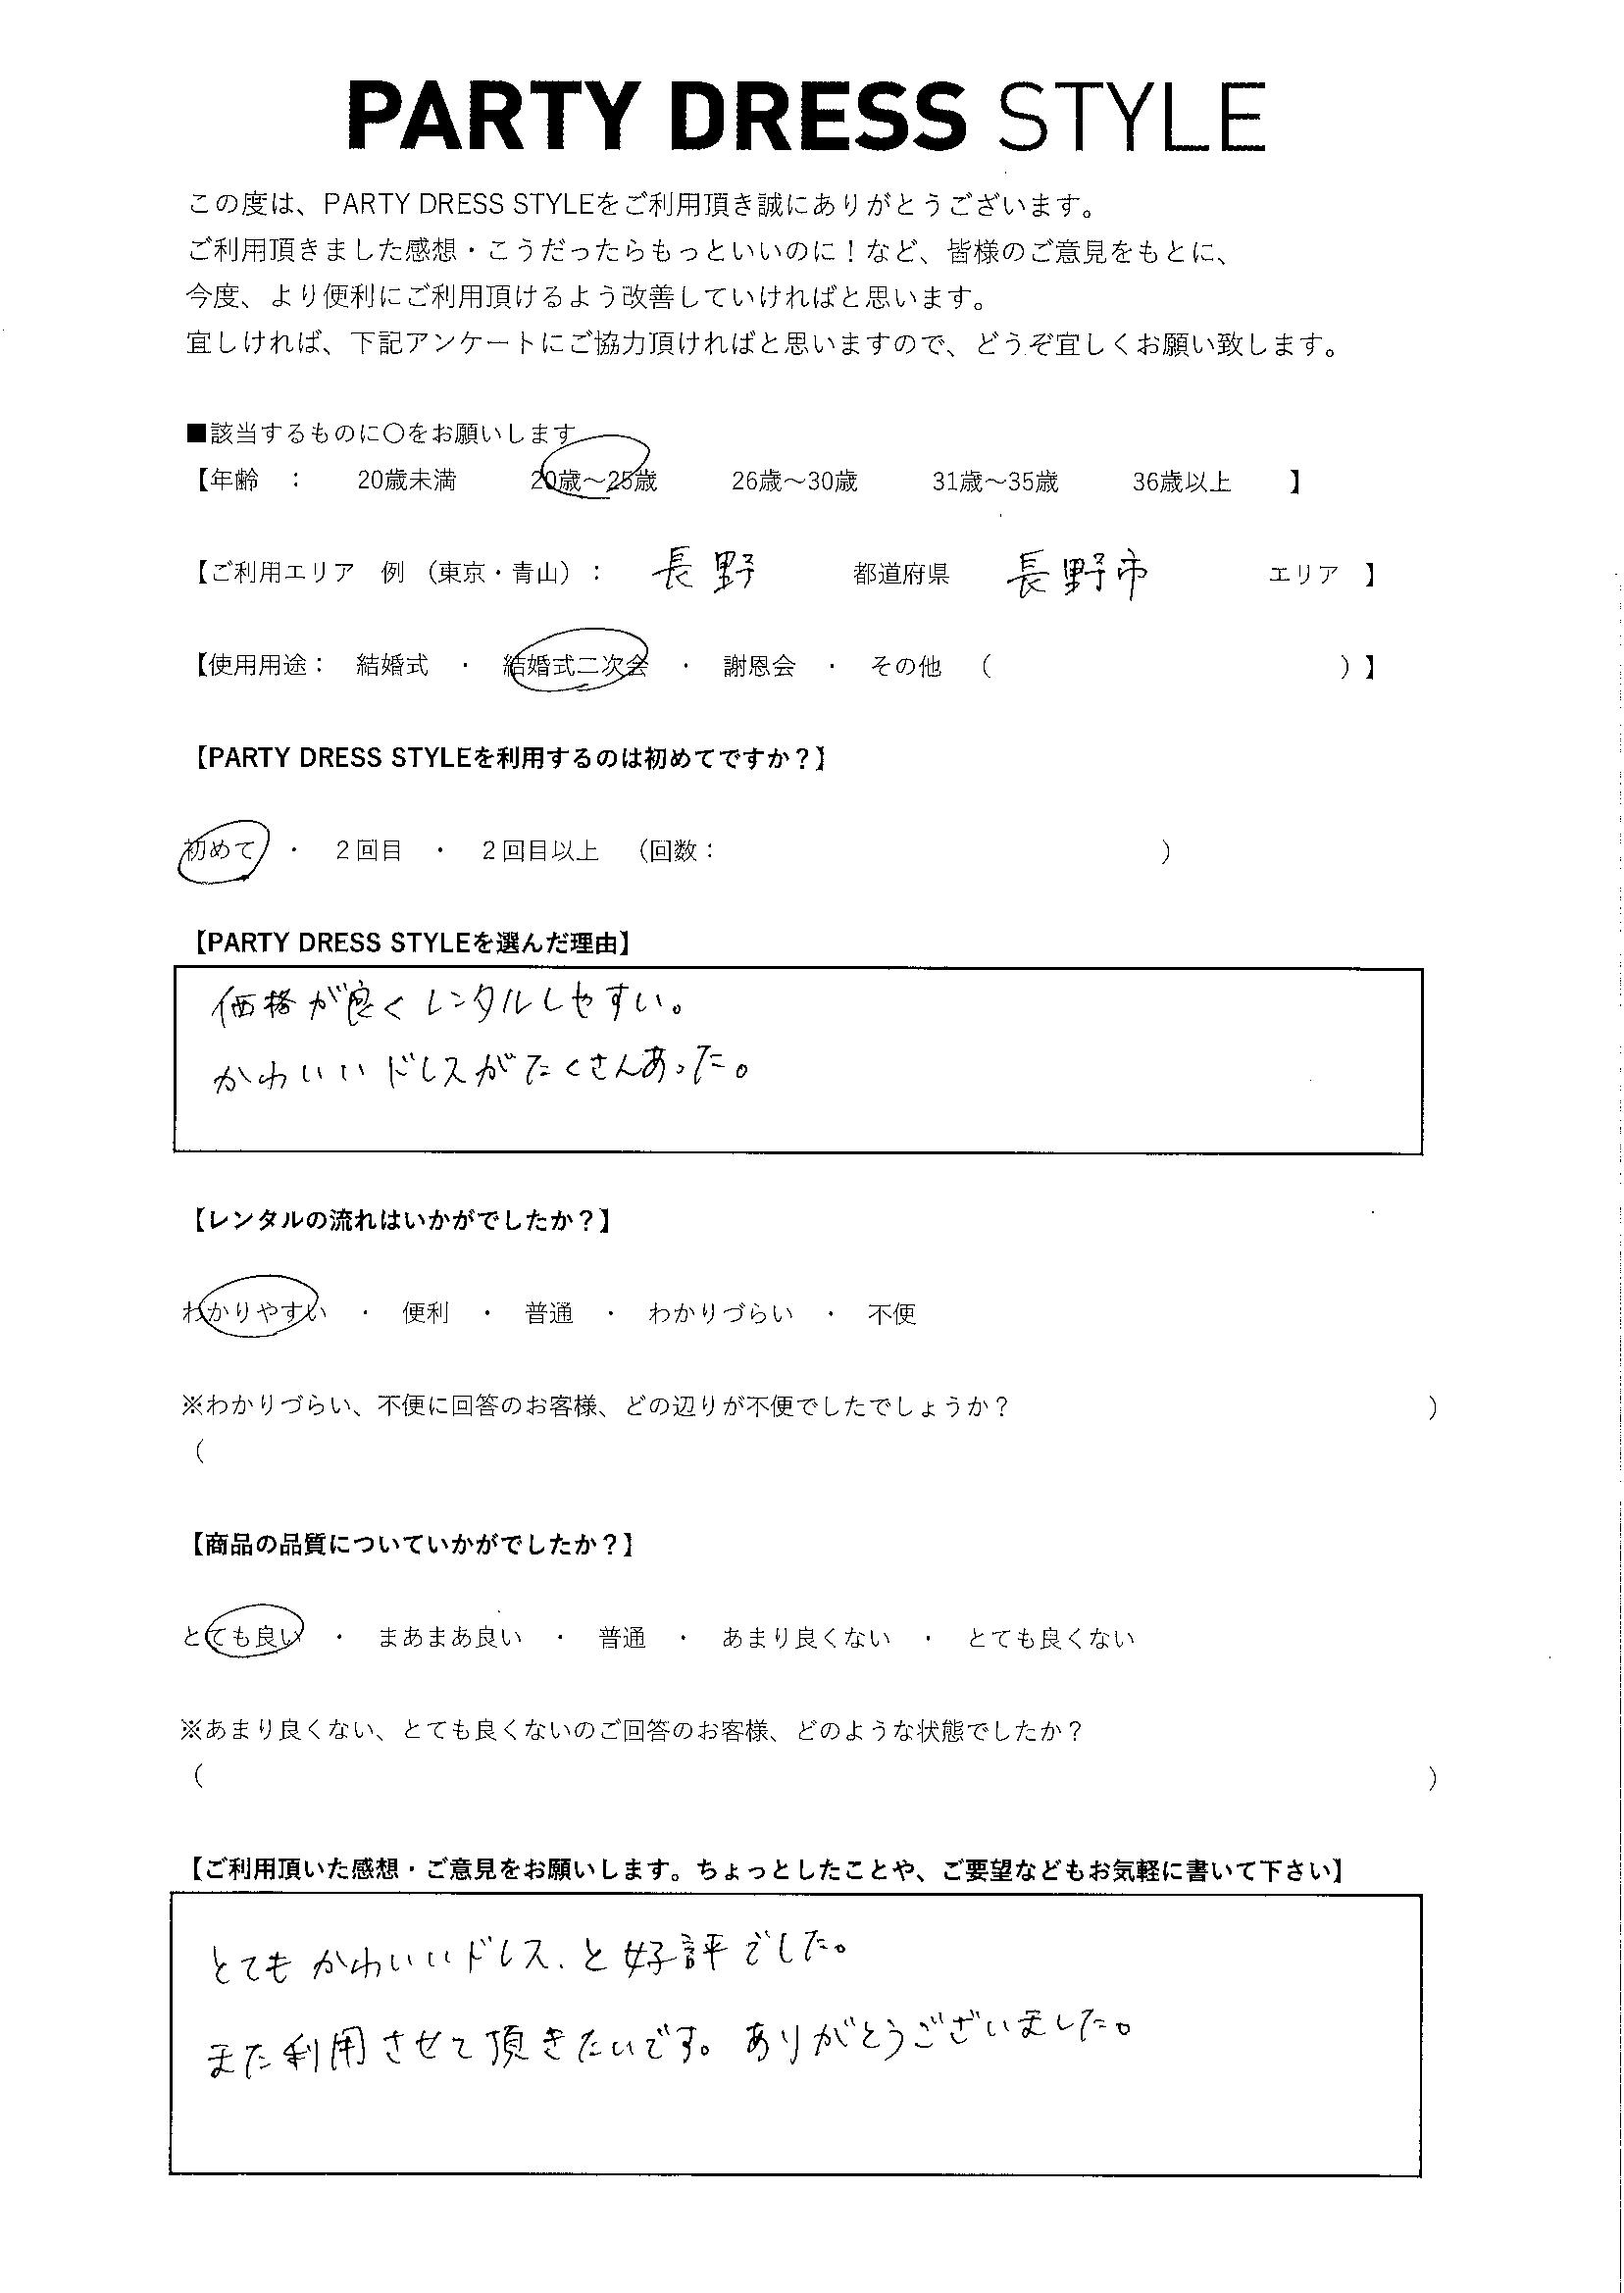 5/8結婚式二次会ご利用 長野・長野市エリア